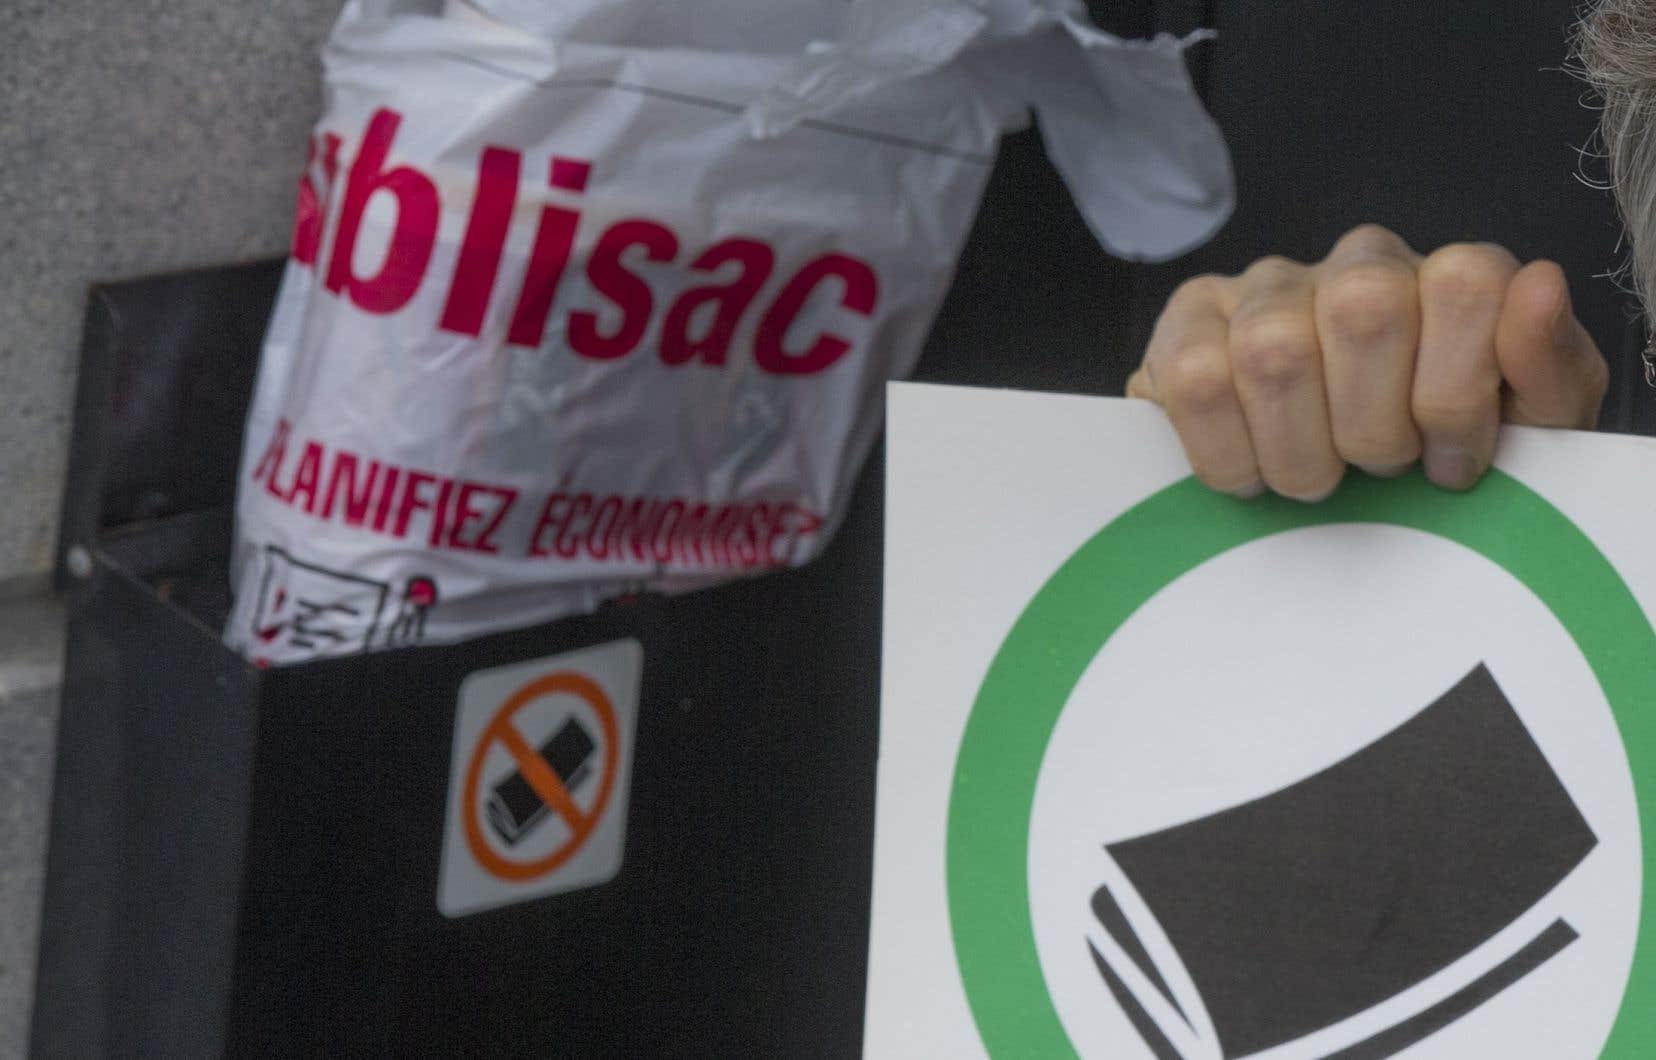 En mars dernier, un citoyen avait lancé une pétition en ligne pour demander que Montréal adopte une réglementation afin de limiter la distribution des circulaires.